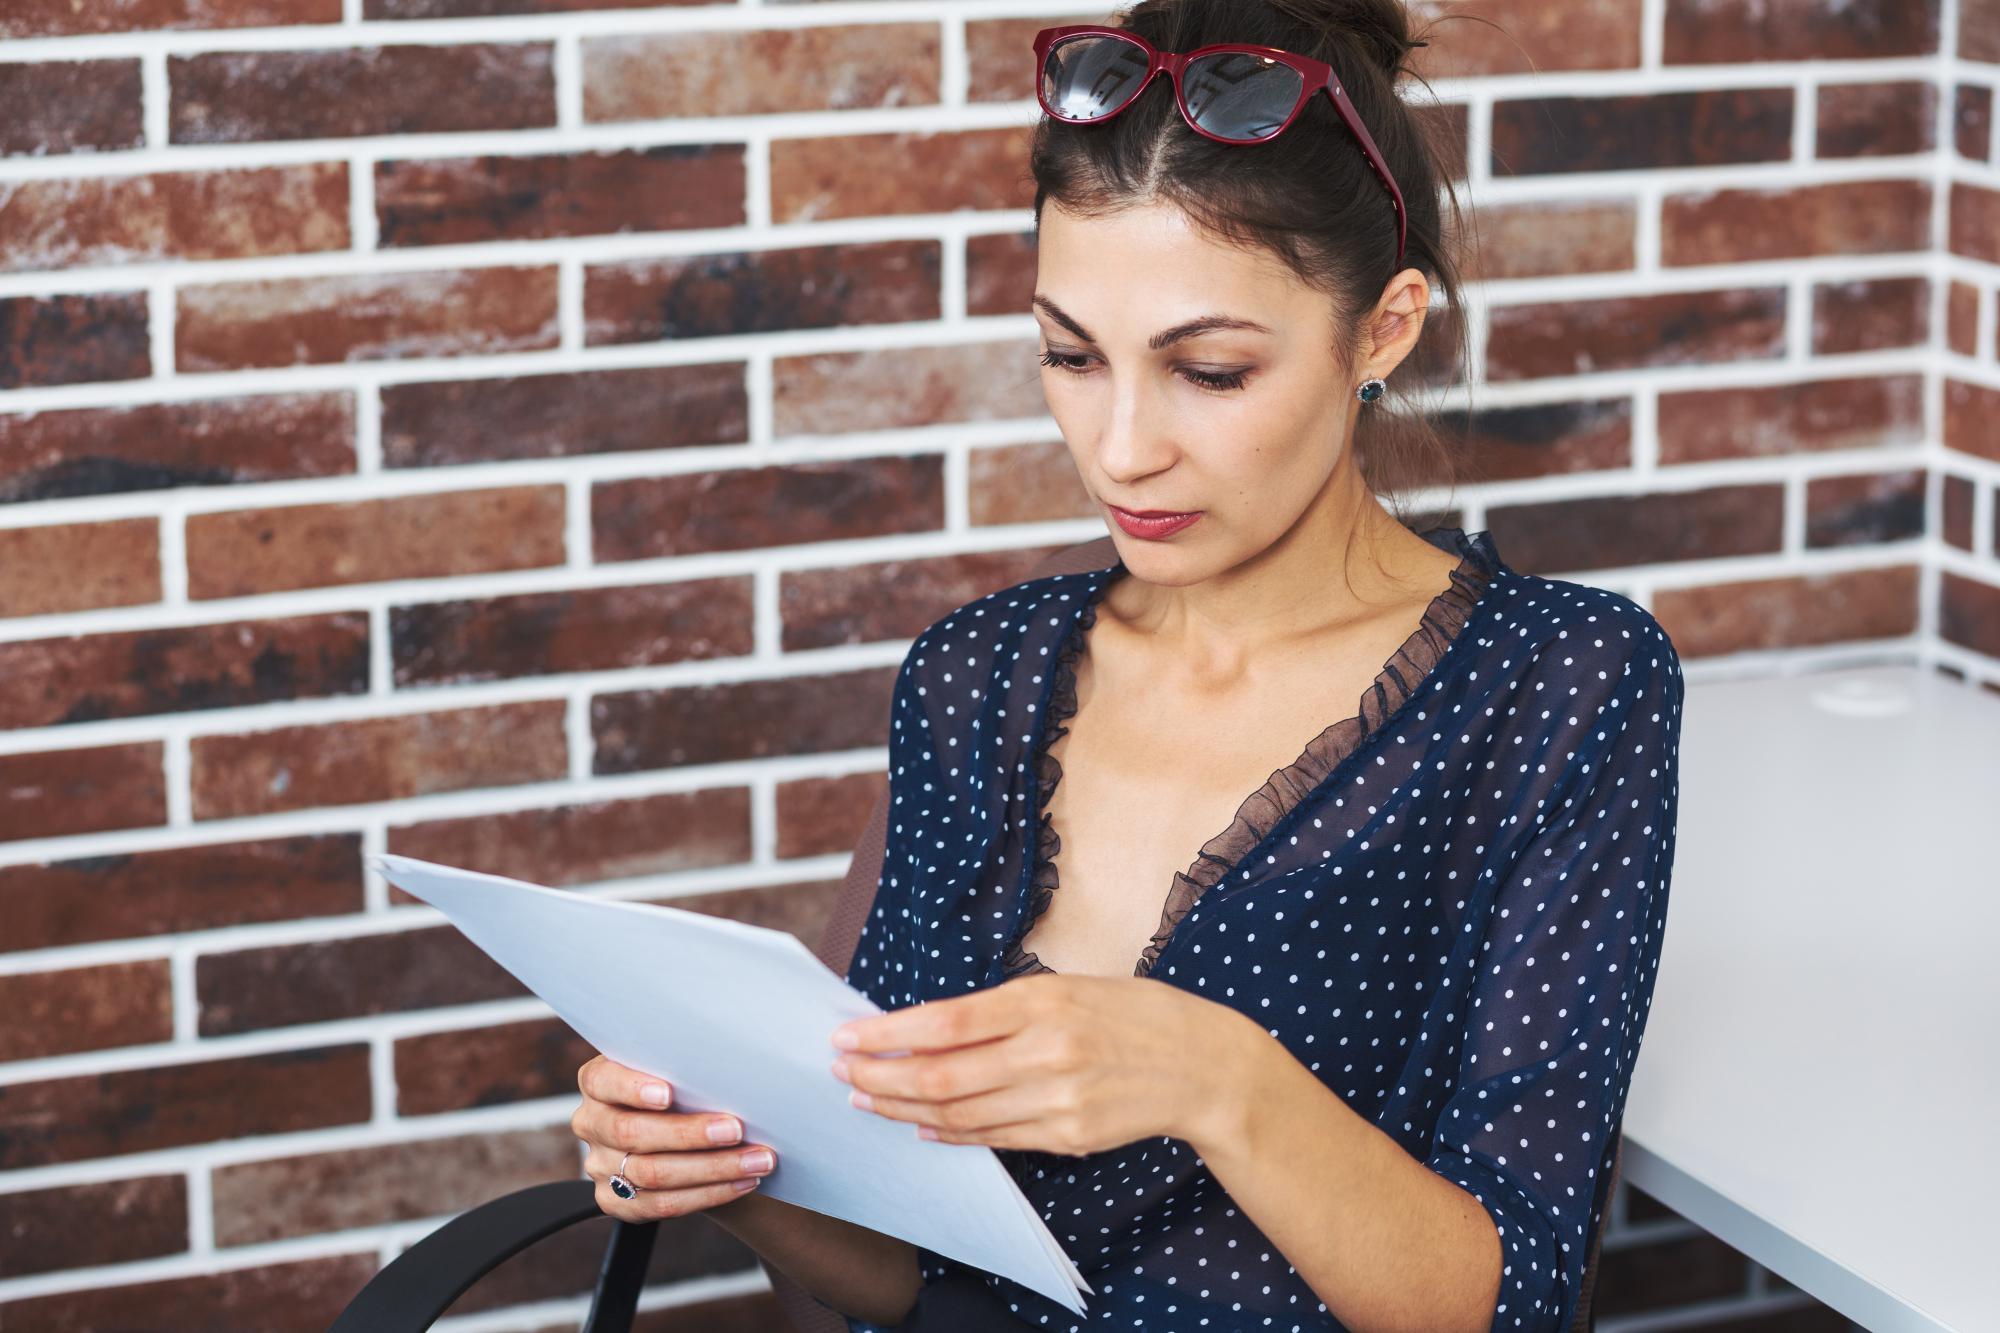 Пользователям Личного кабинета налогоплательщика для получения документов в бумажном виде необходимо уведомить об этом налоговую инспекцию